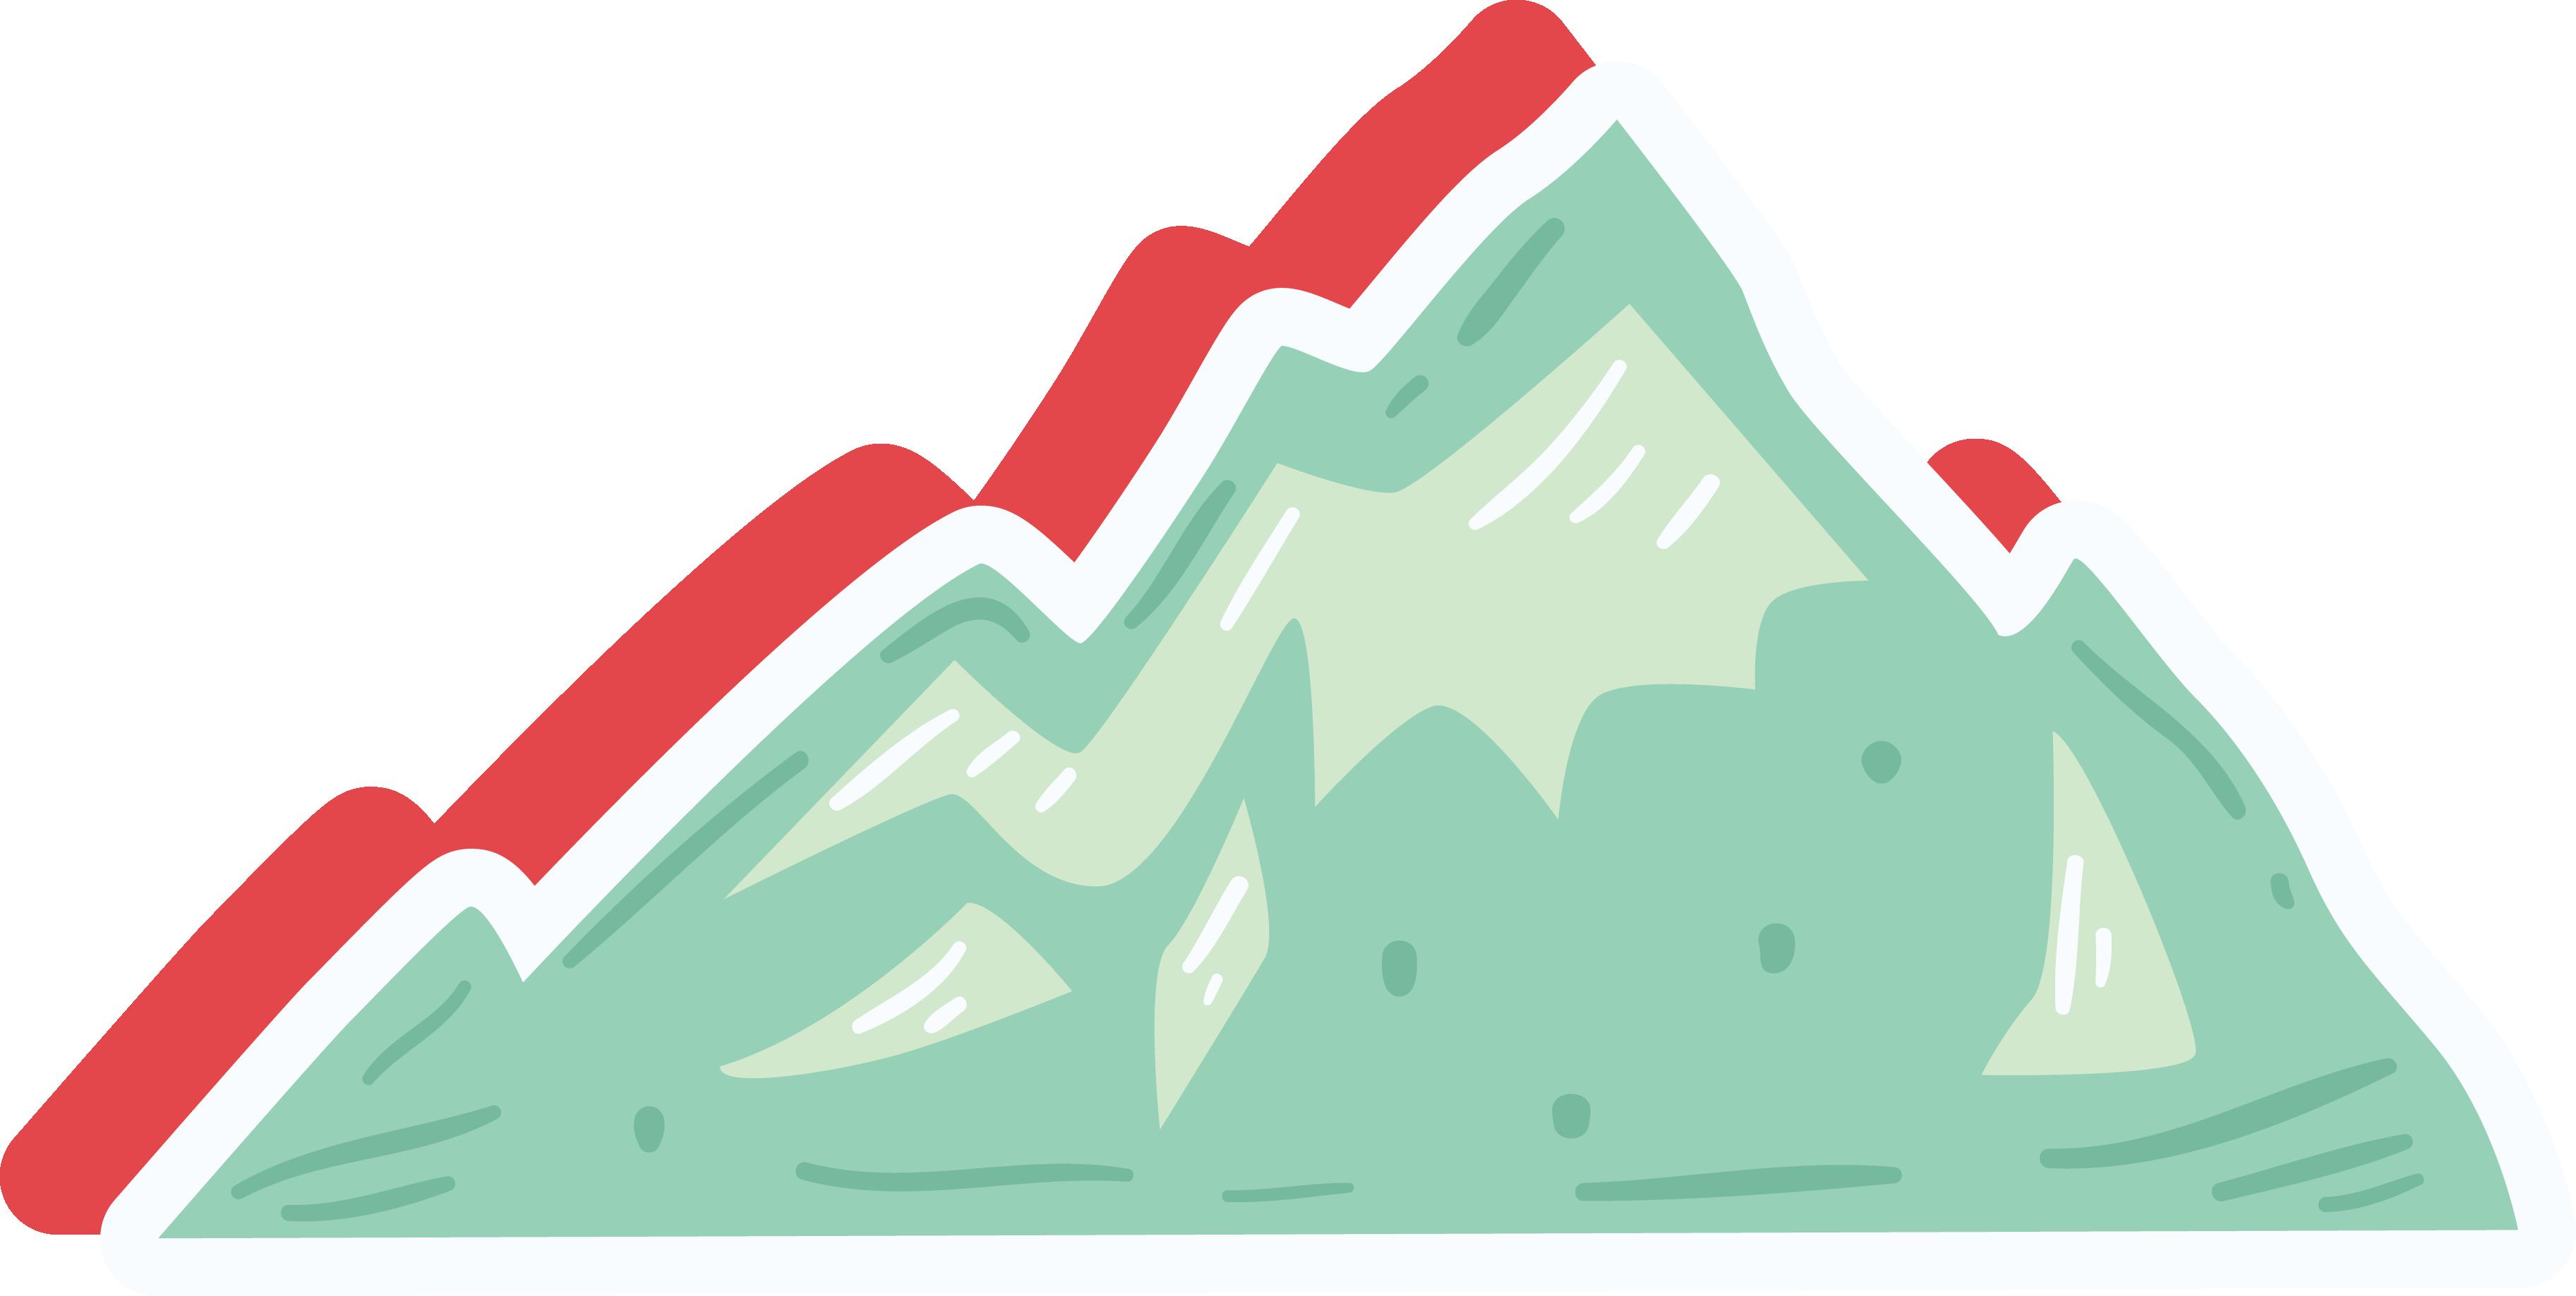 Clipart mountain cartoon. Clip art green icon